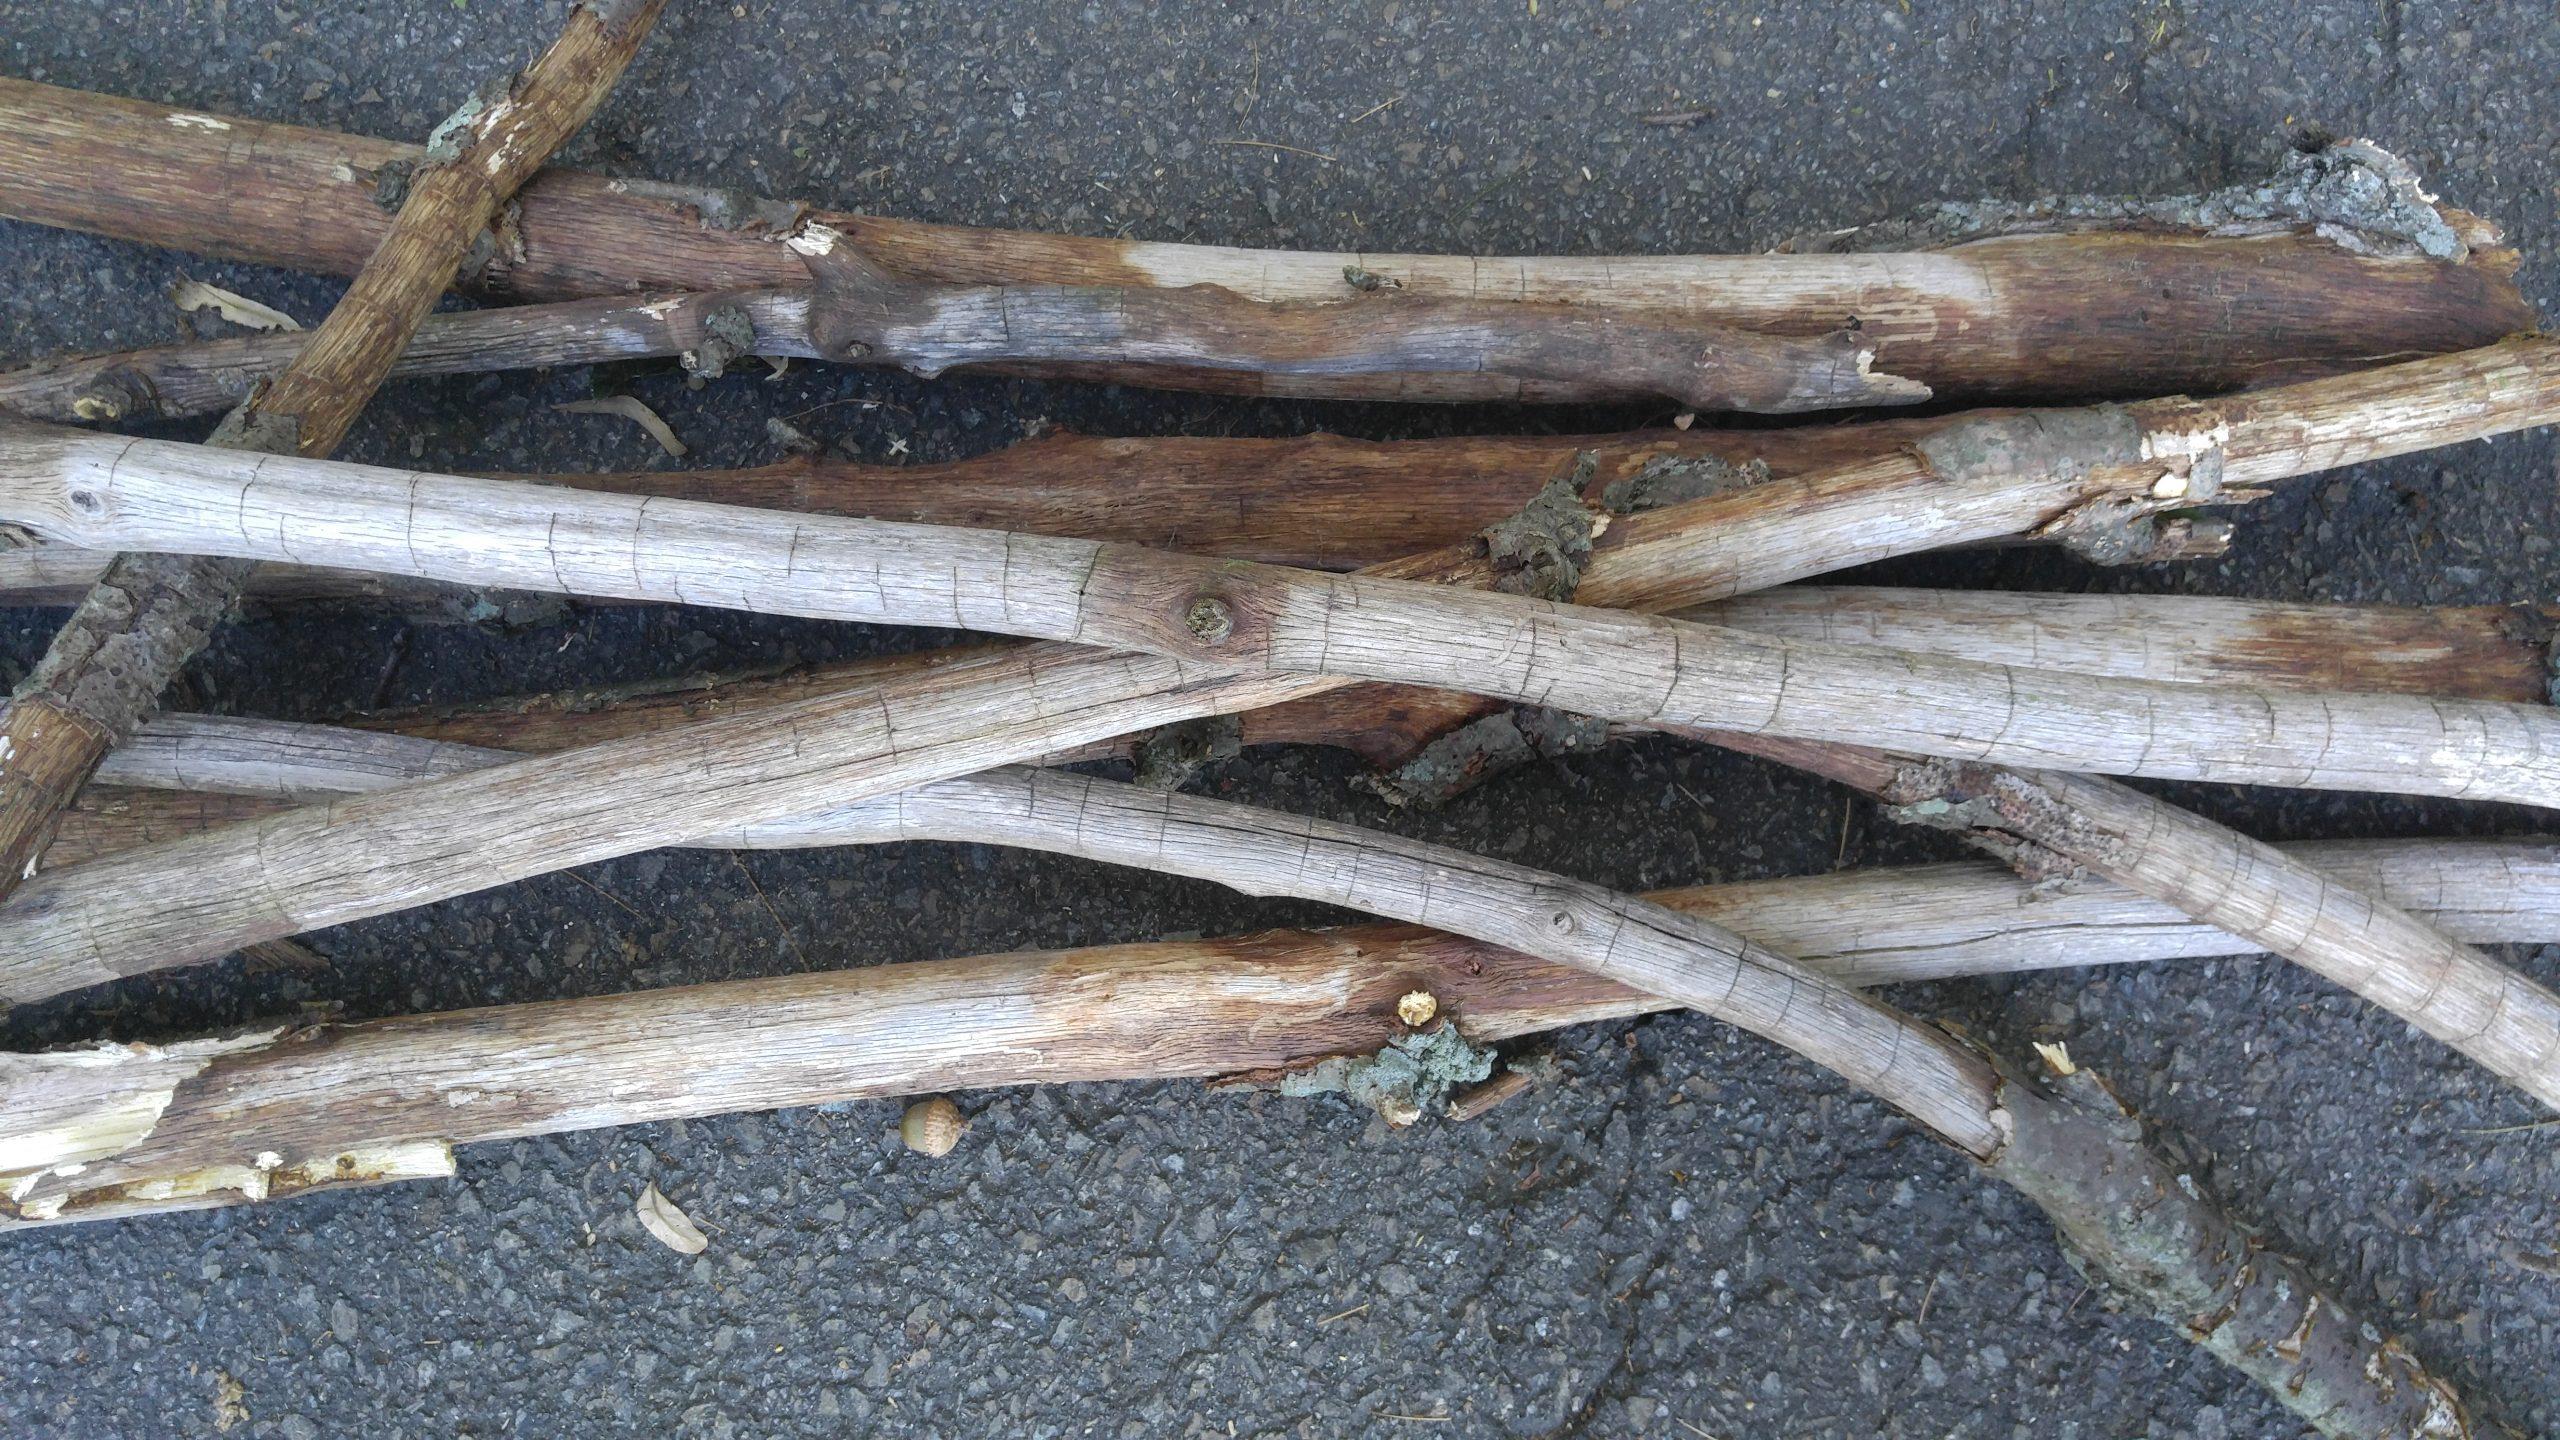 Oak Bark Beetle limb damage in Jarrettsville, MD